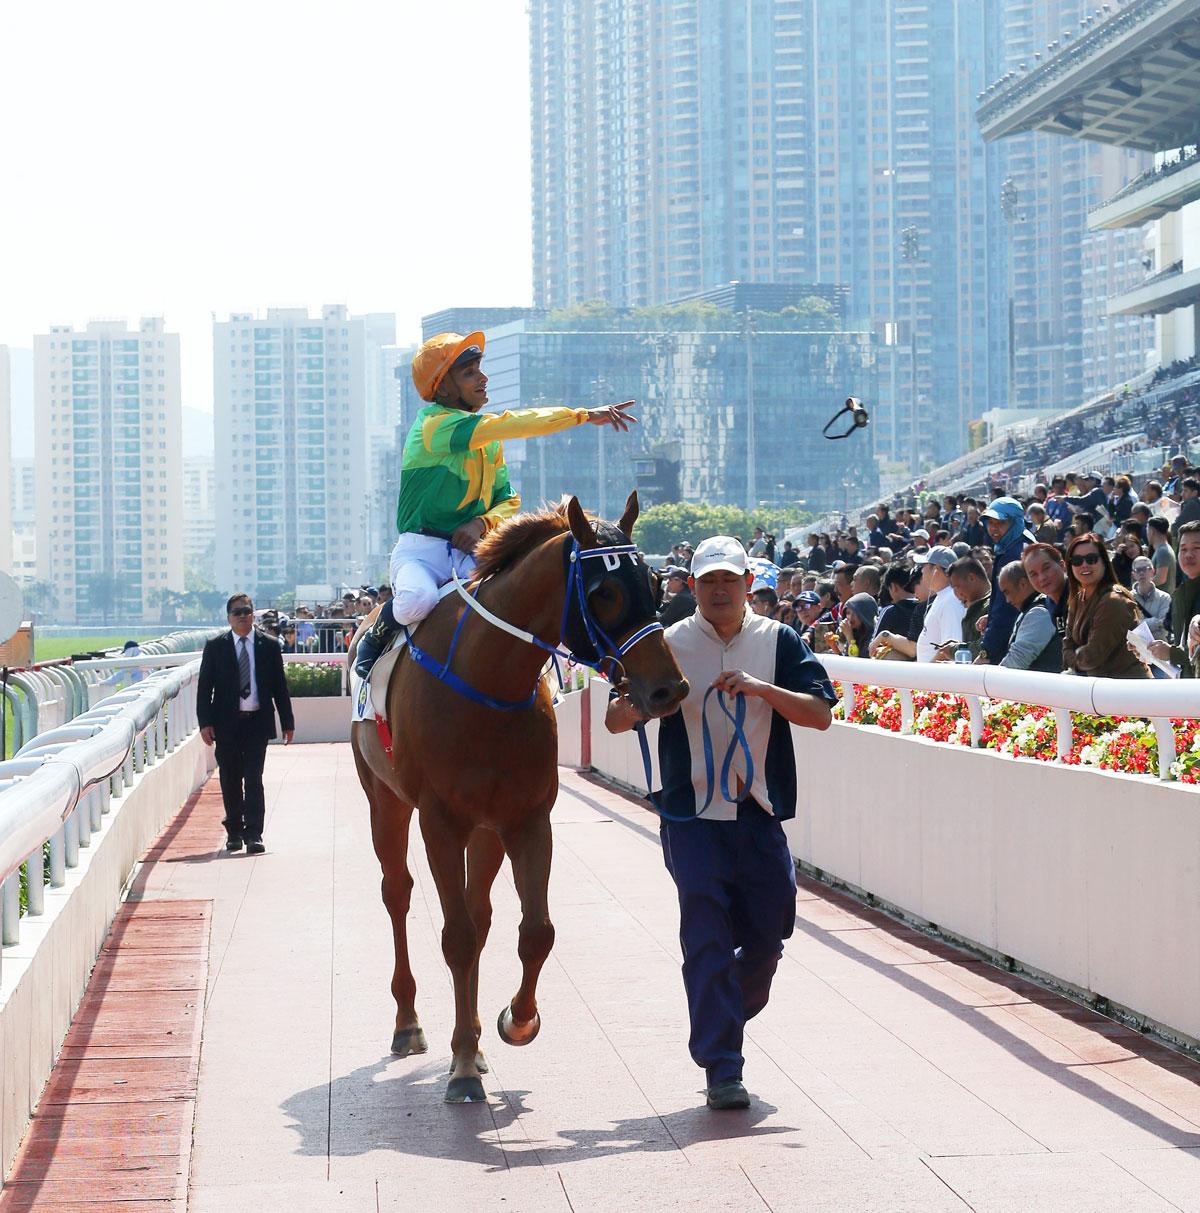 「華恩庭」攻下新加坡賽馬公會錦標 – 賽馬新聞 – 香港賽馬會